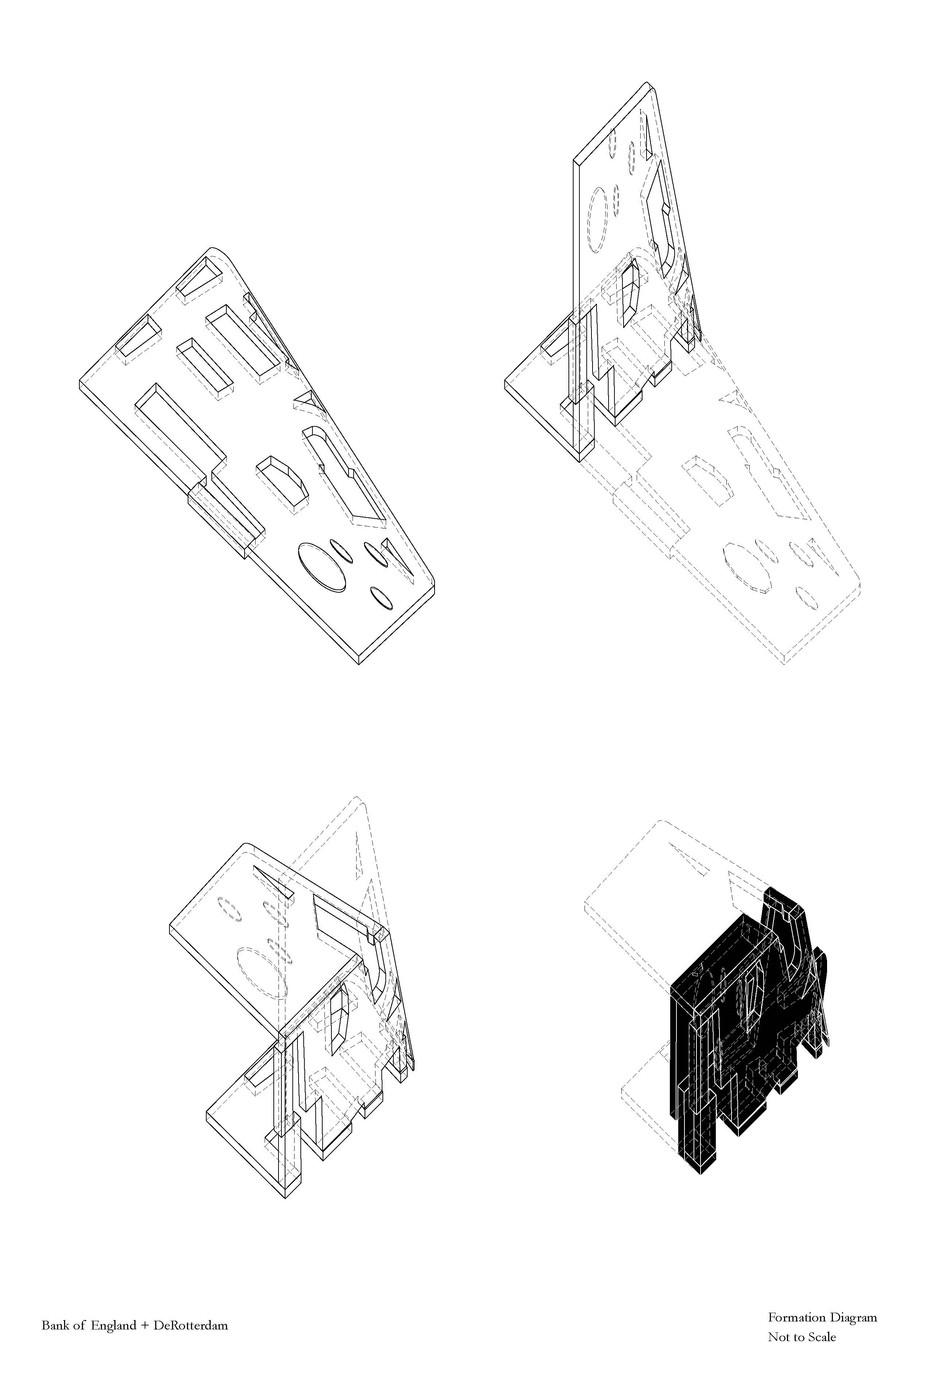 Formation Diagram